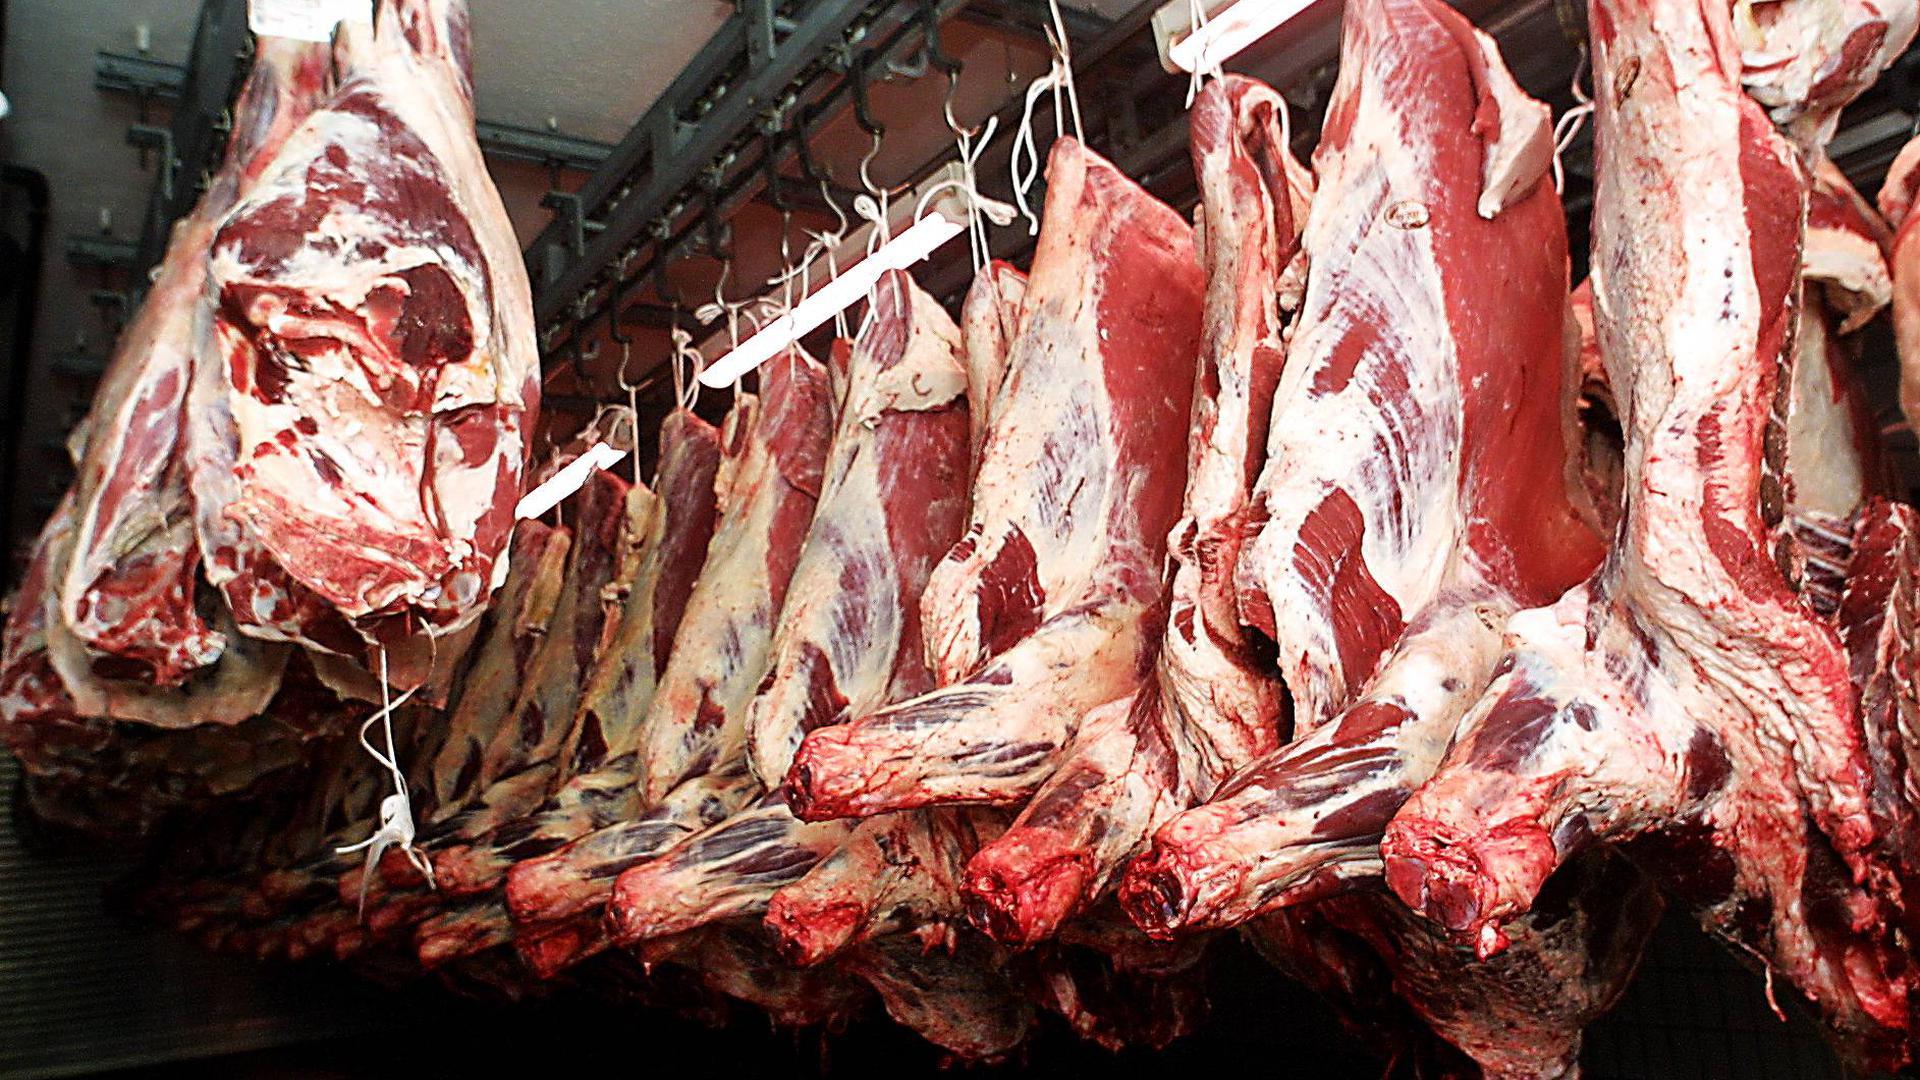 Rindfleisch am Haken: Bei Müller-Fleisch ist die Rinderschlachtung am Hauptsitz in Birkenfeld konzentriert.